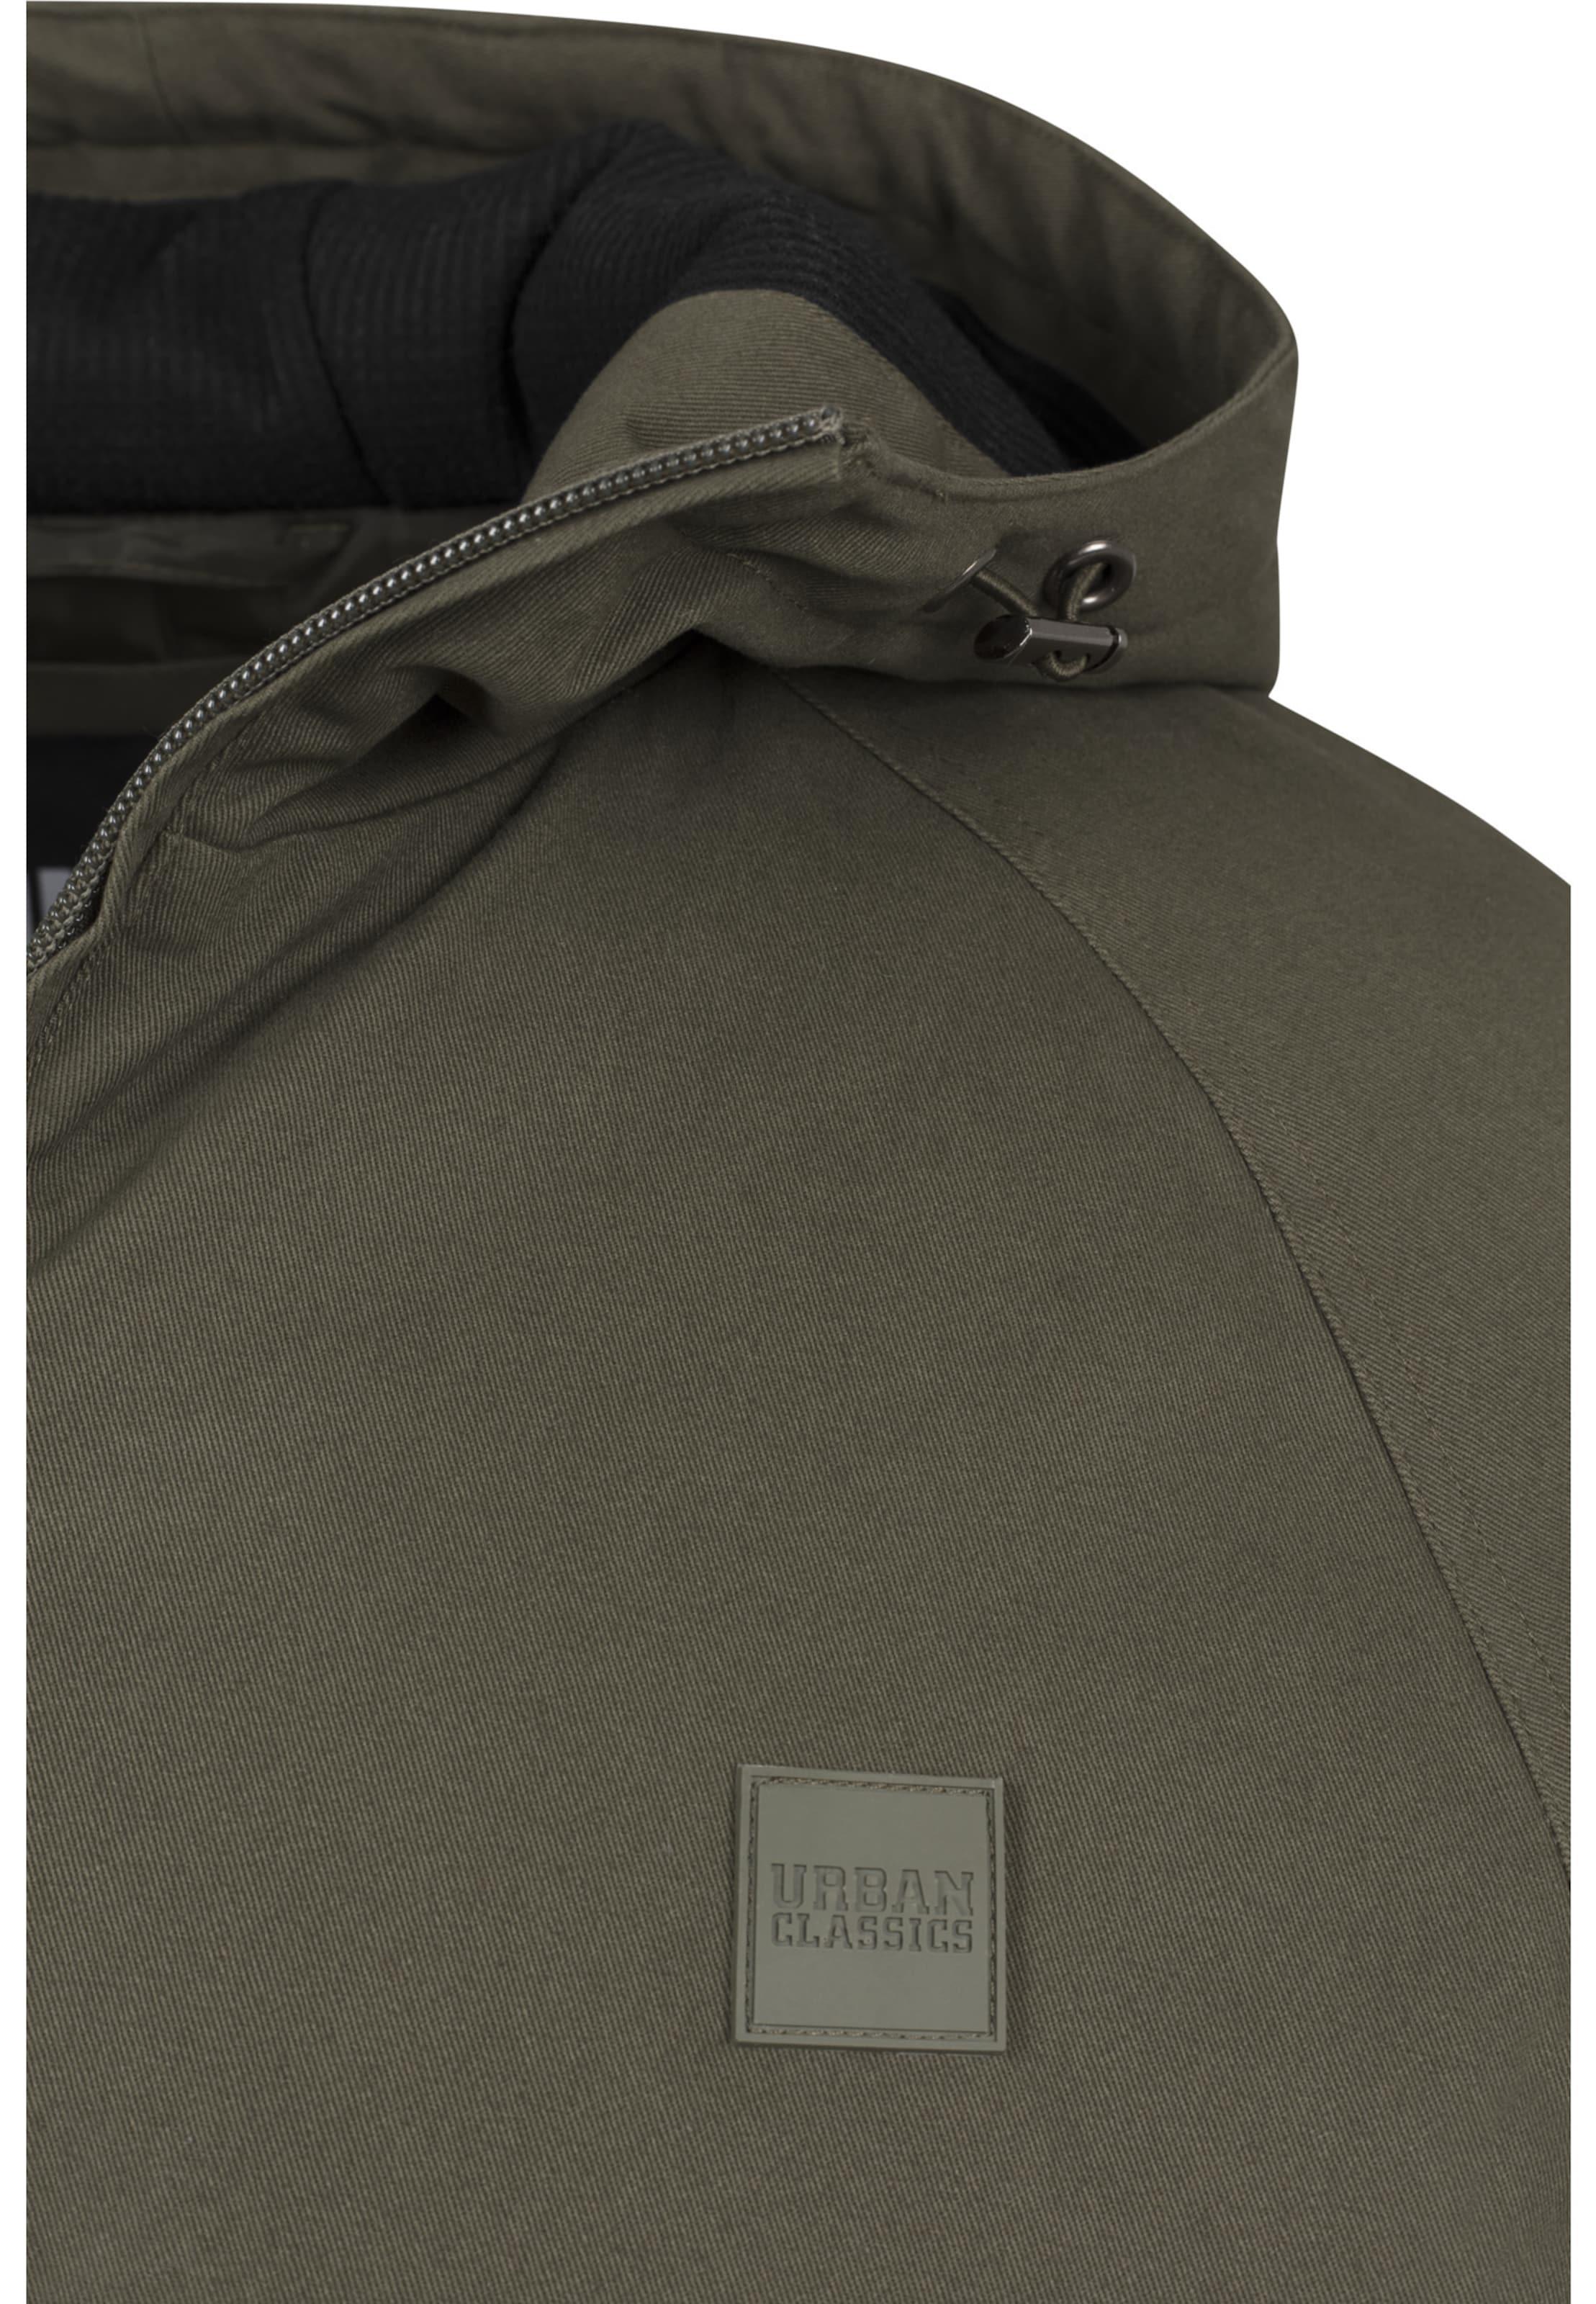 Urban Jacket Hooded Classics In Oliv A5qj34LR